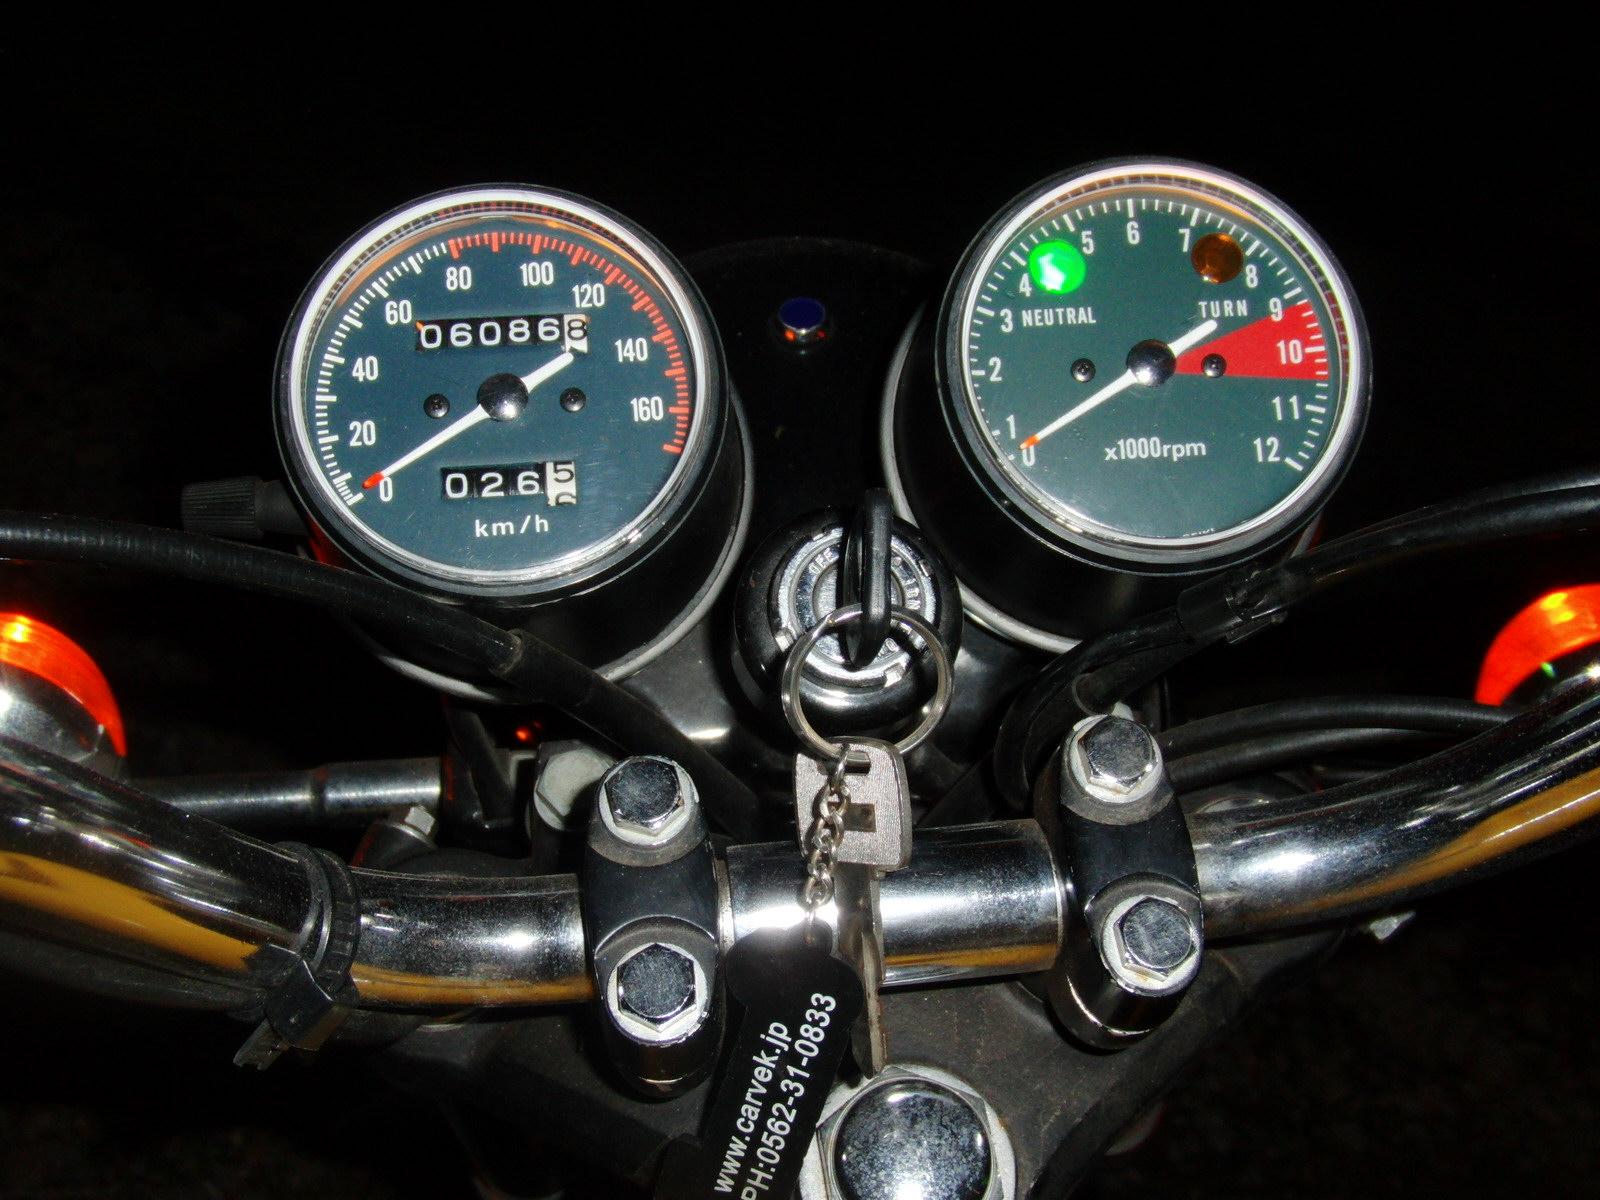 http://www.precious-factory.com/preciousfactory2010/CIMG2722.JPG